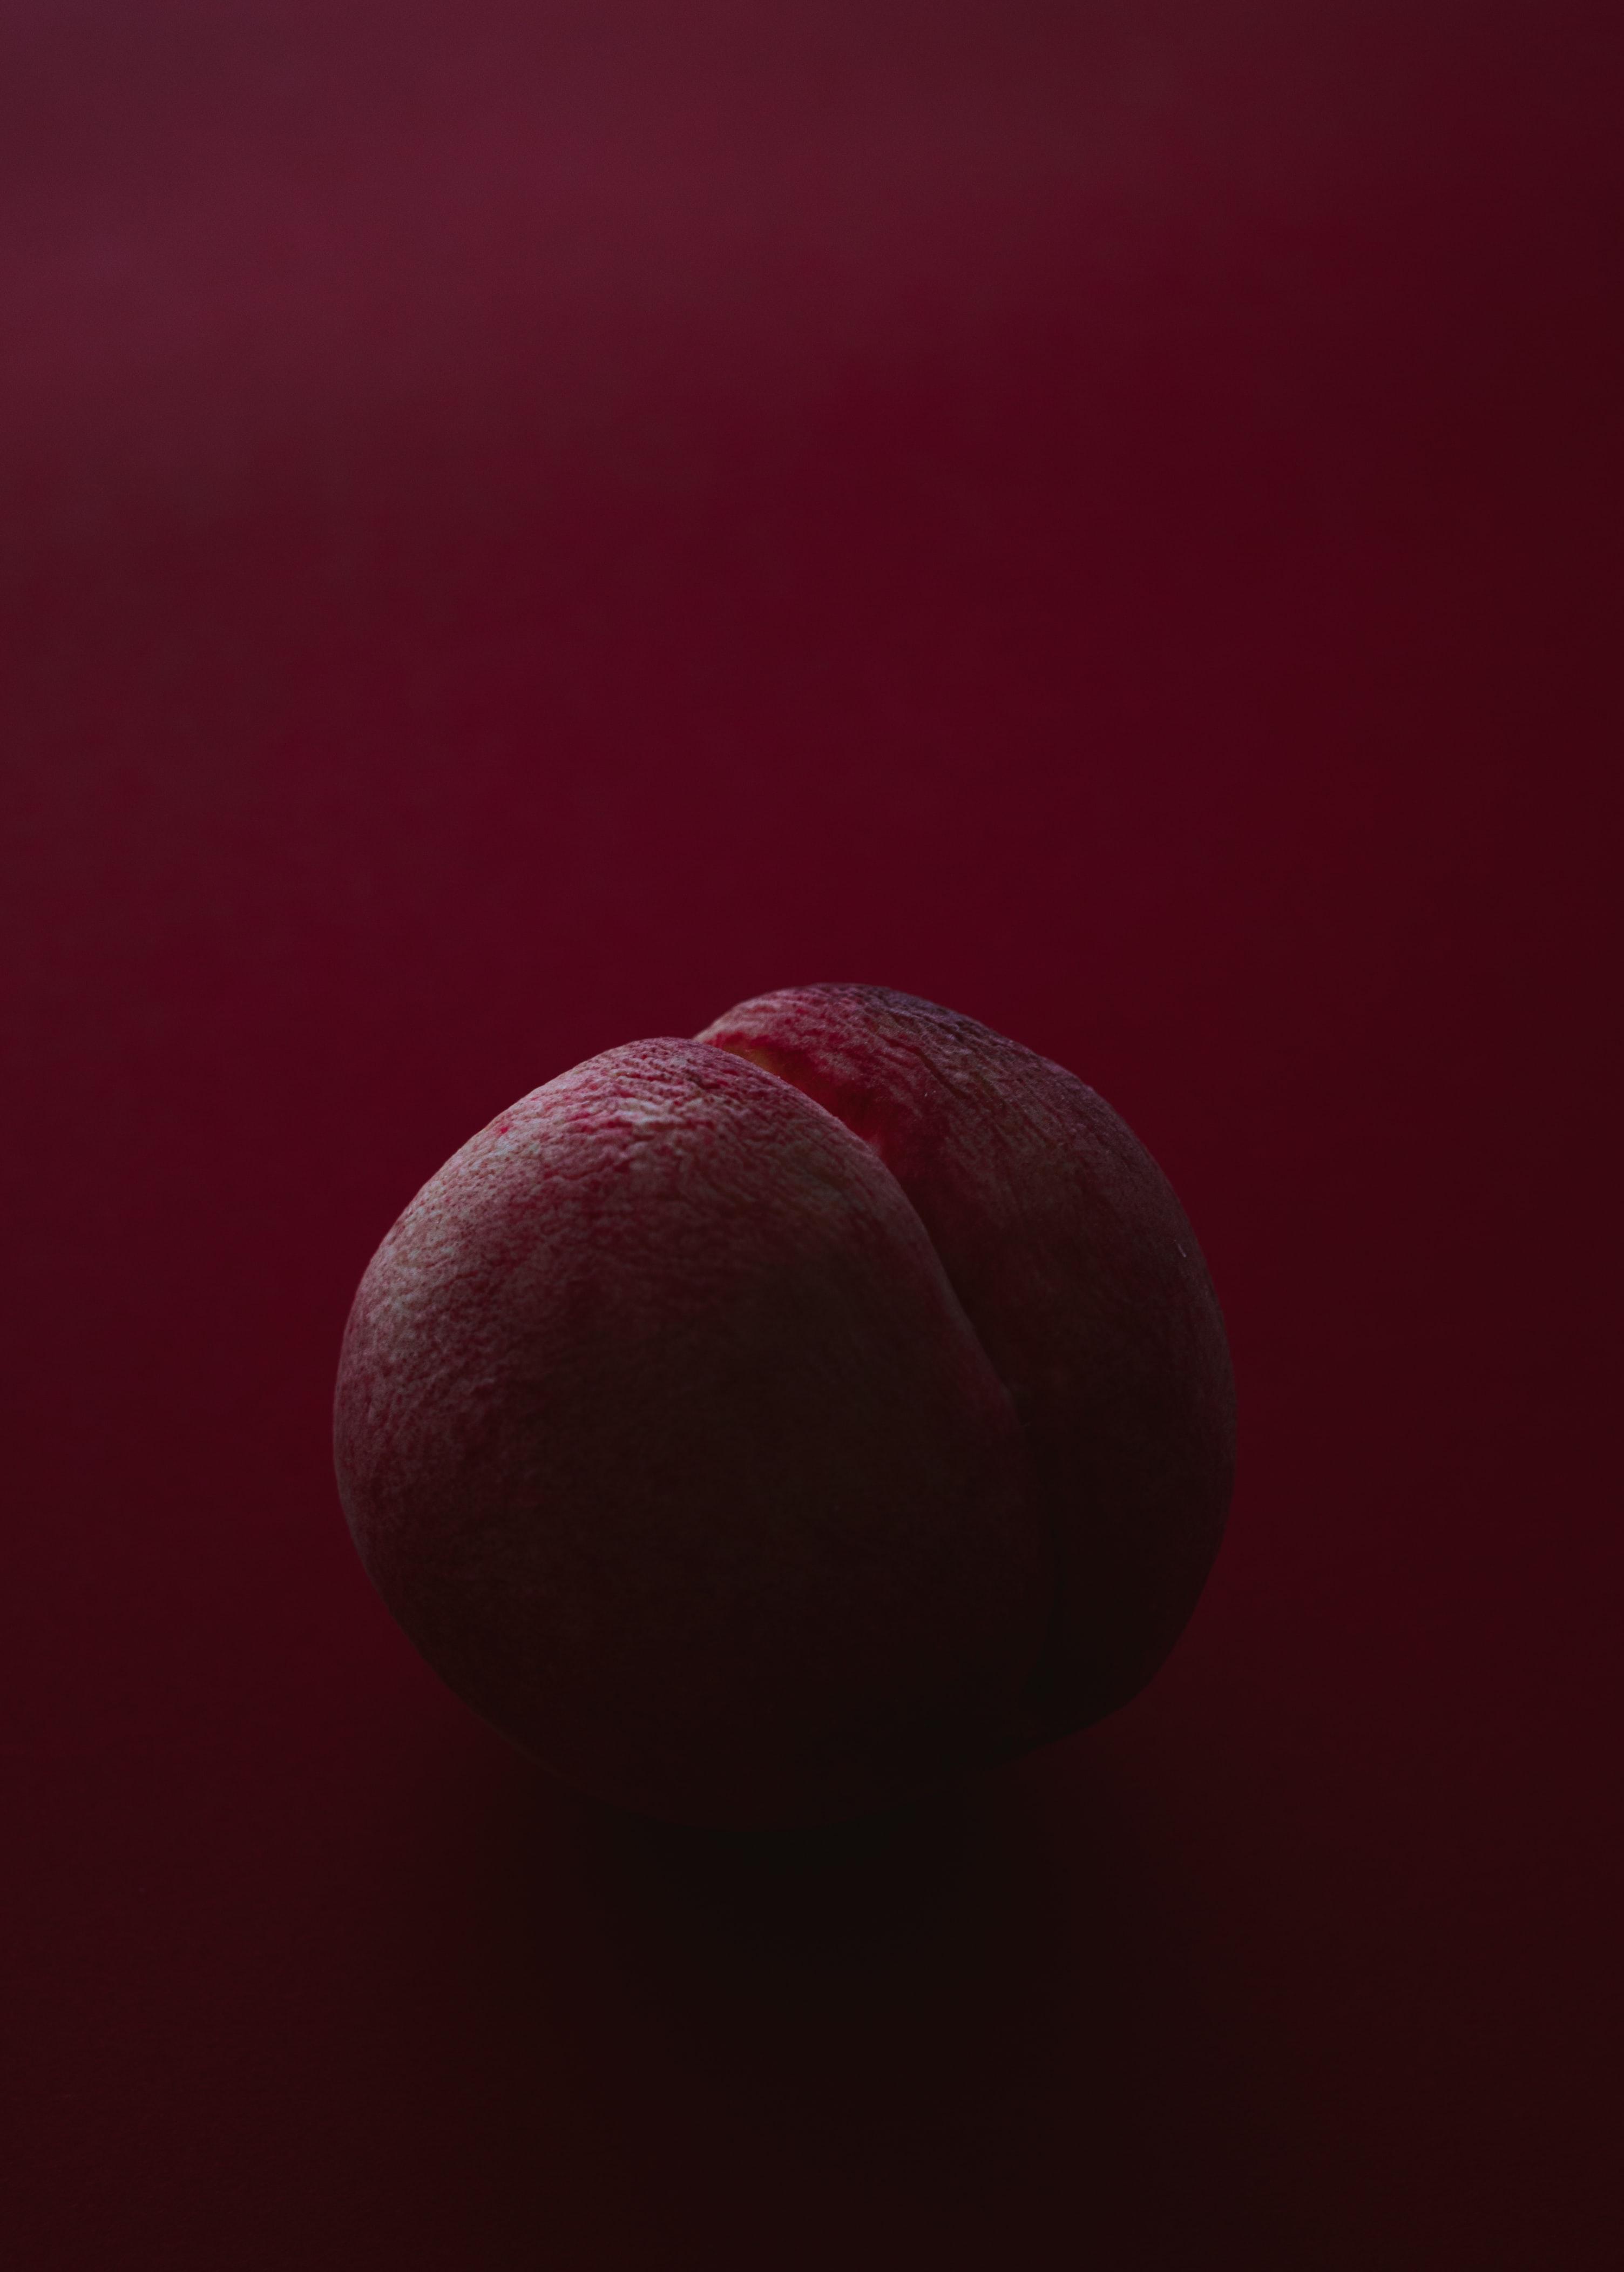 peach-Unsplash_charles-deluvio-vRJ7y64ZwUs-unsplash